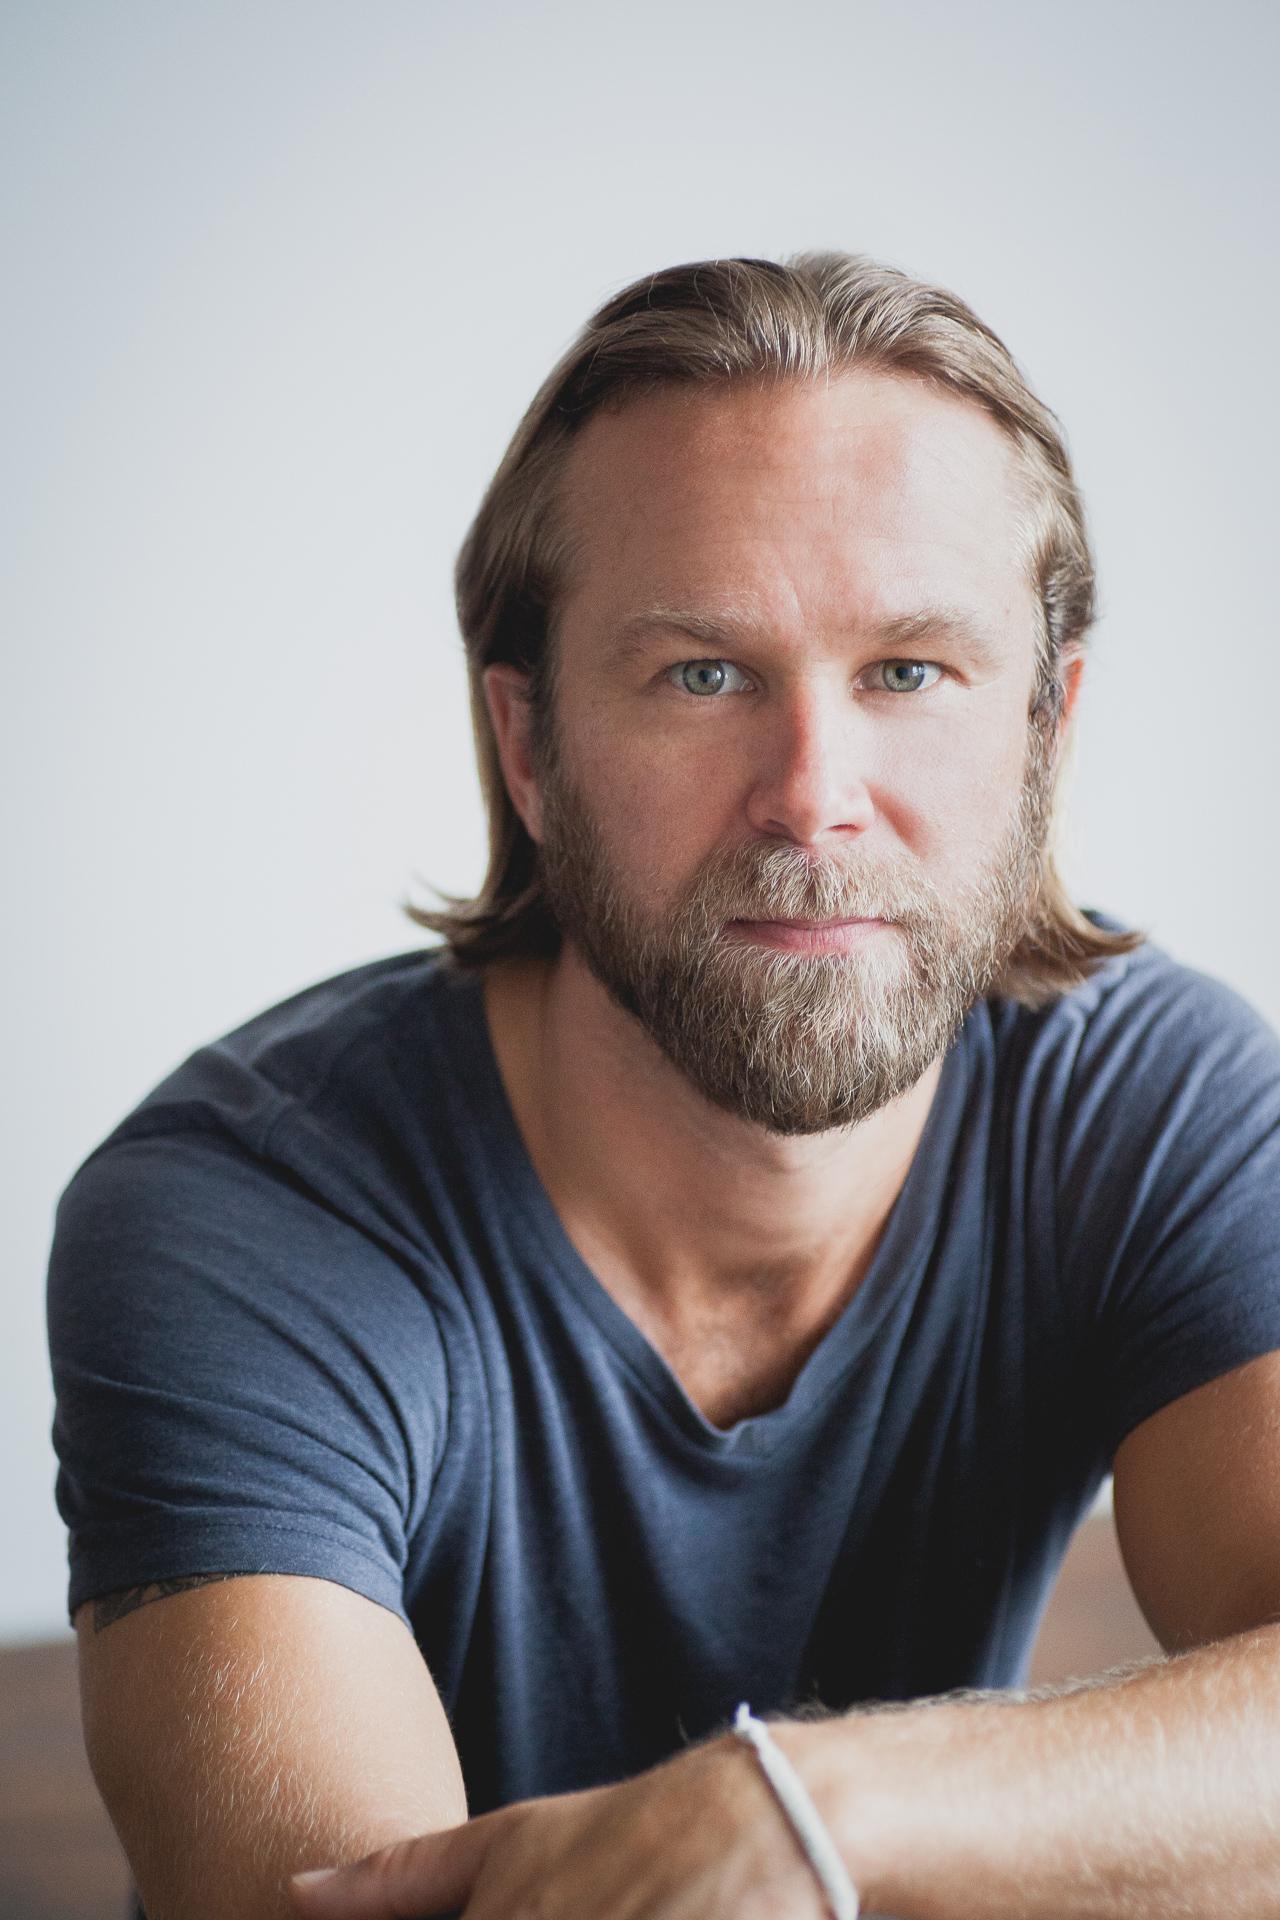 Owen Sound corporate portraits